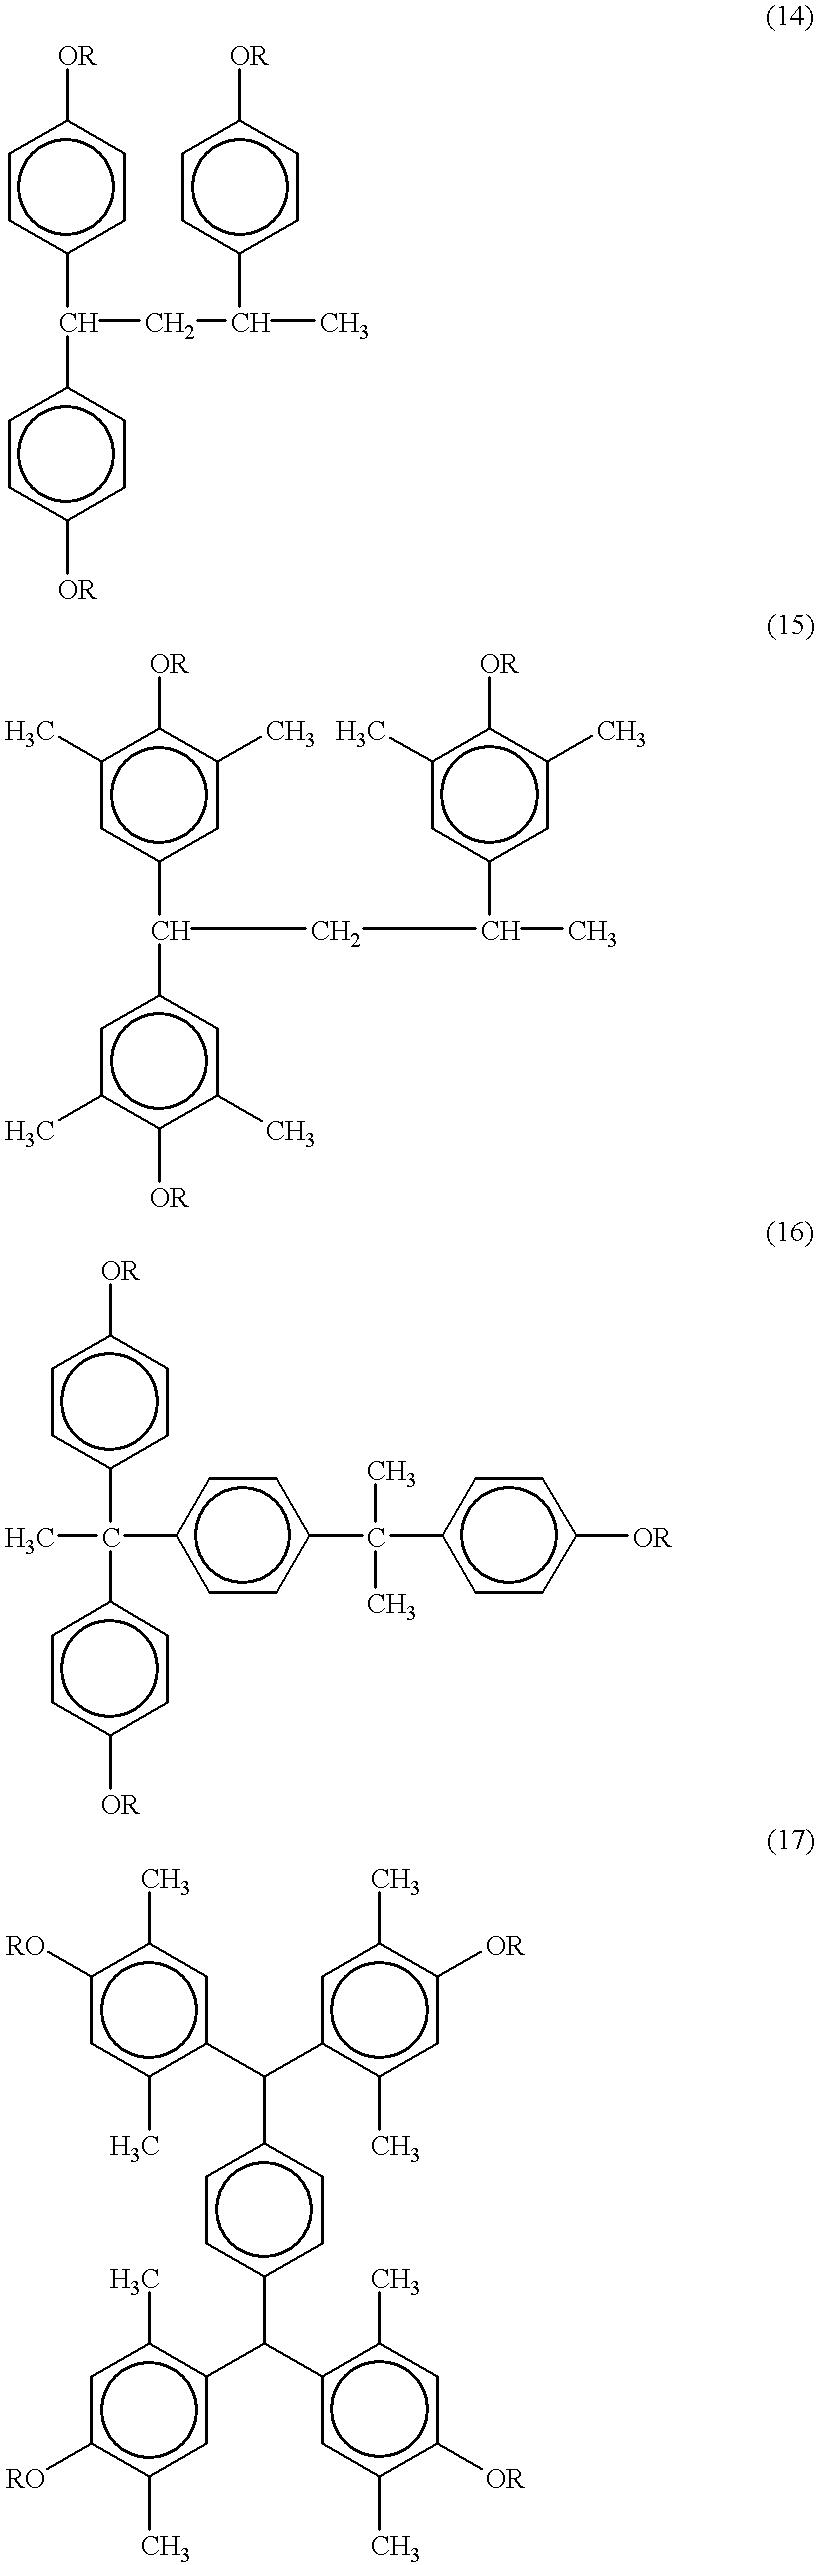 Figure US06485883-20021126-C00034